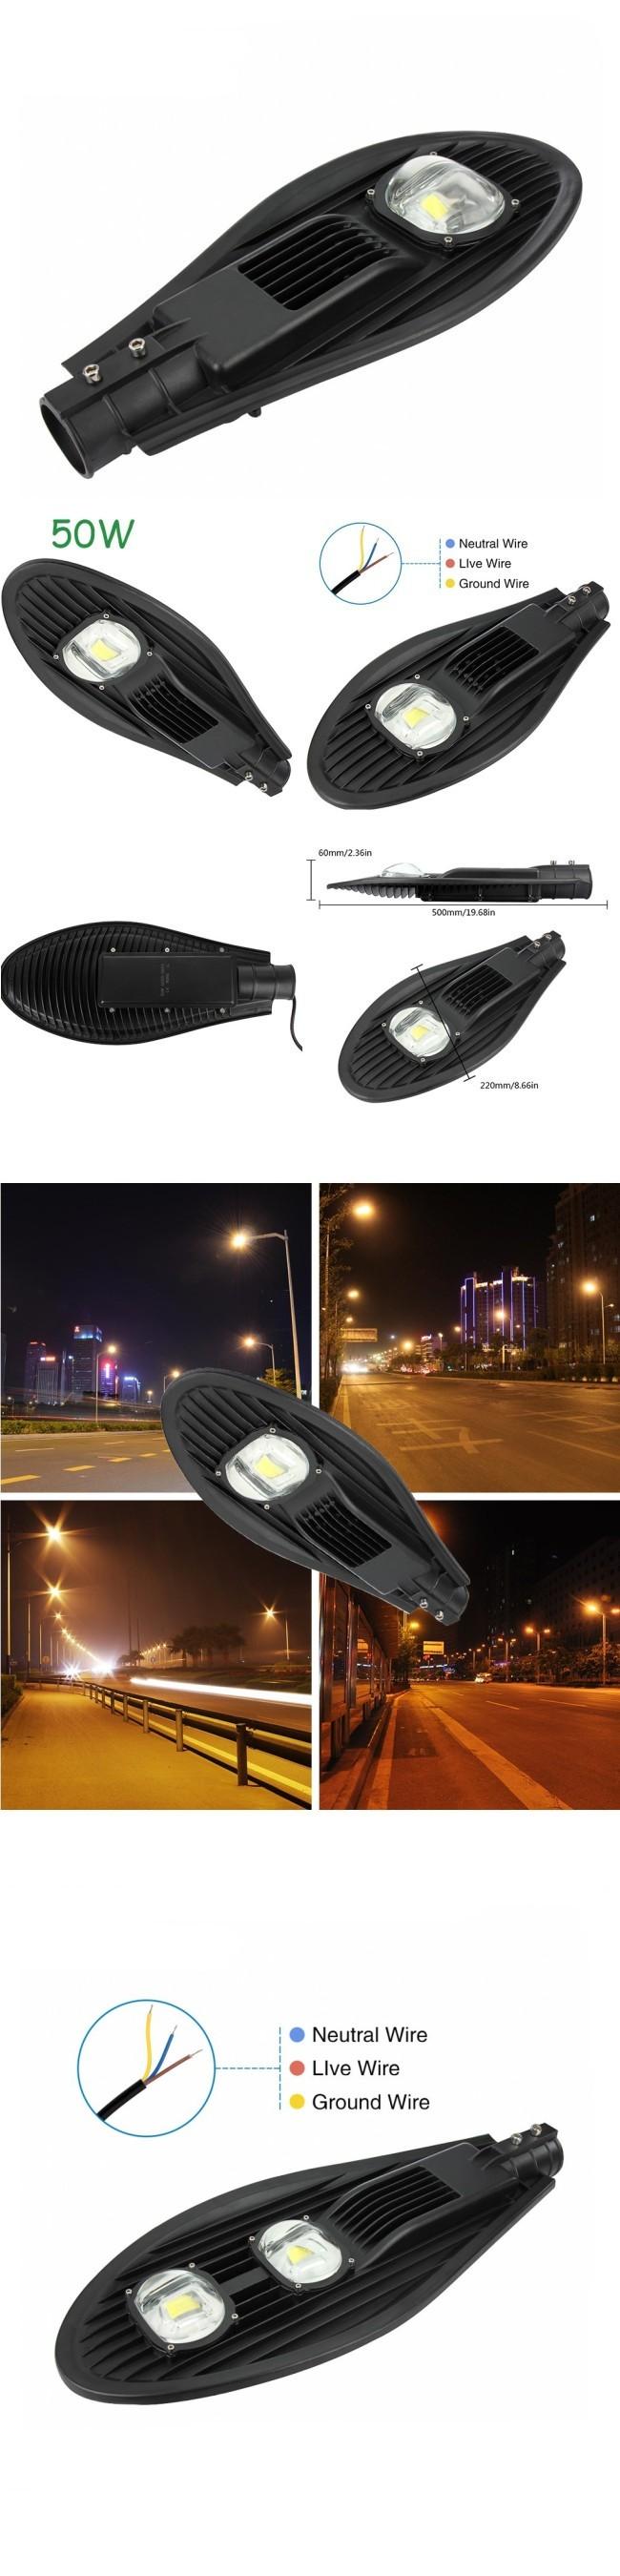 Outdoor 40W Solar LED Lamp 12V 24V Public LED Street Light